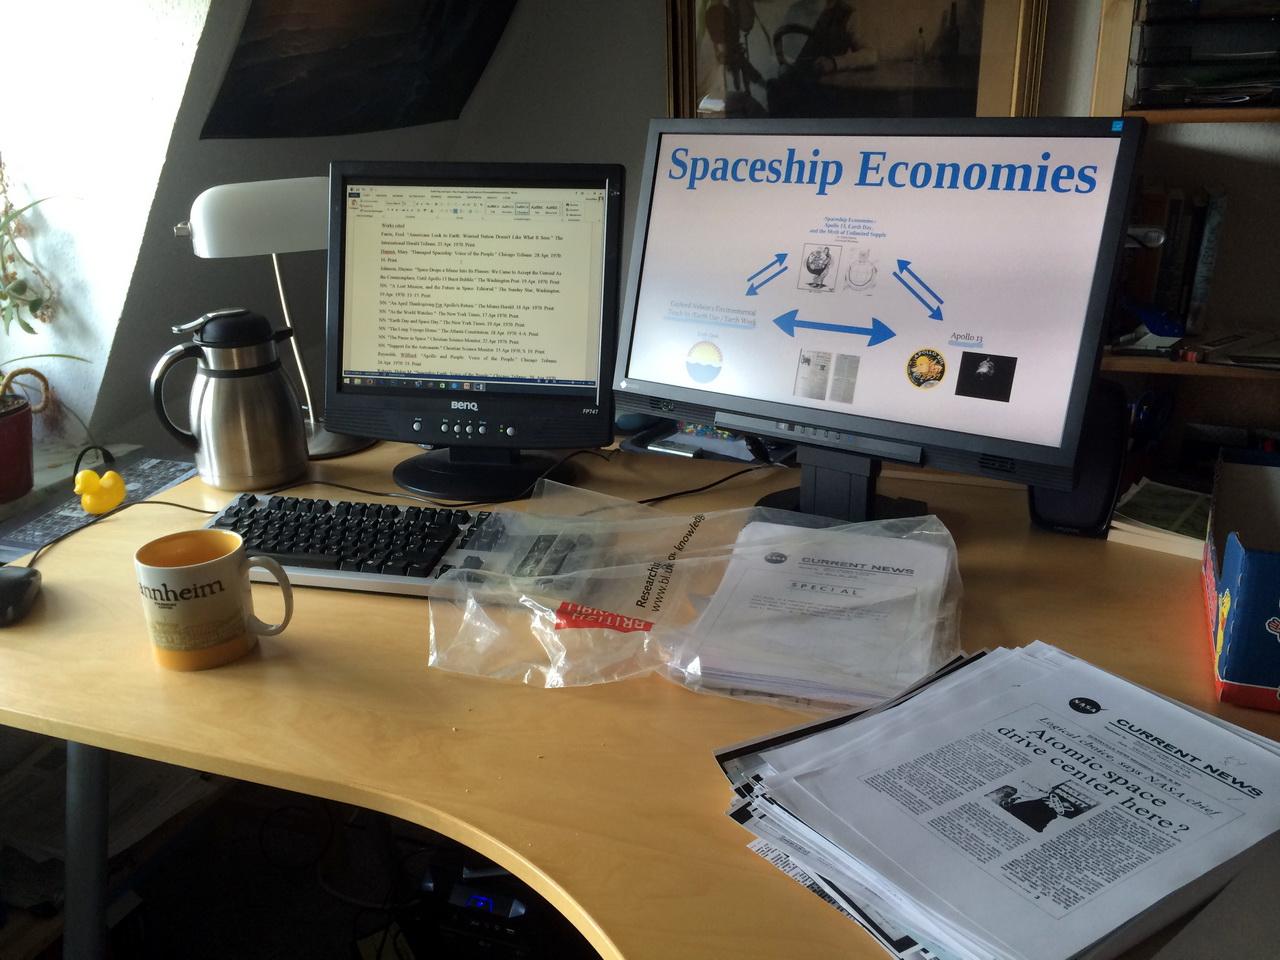 Spaceship Economies